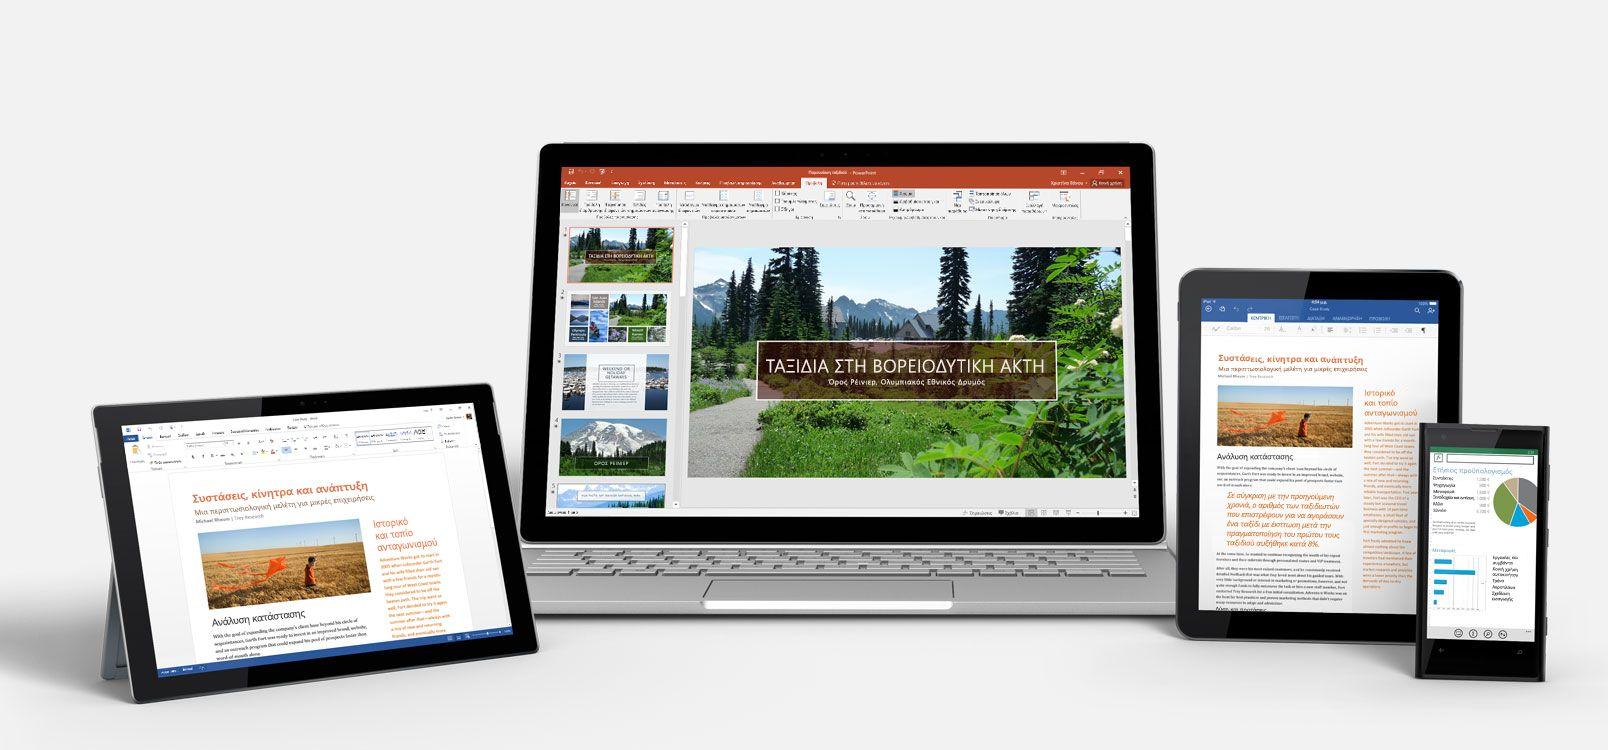 Ένα Windows tablet, ένας φορητός υπολογιστής, ένα iPad και ένα smartphone που εμφανίζουν το Office 365 σε χρήση.